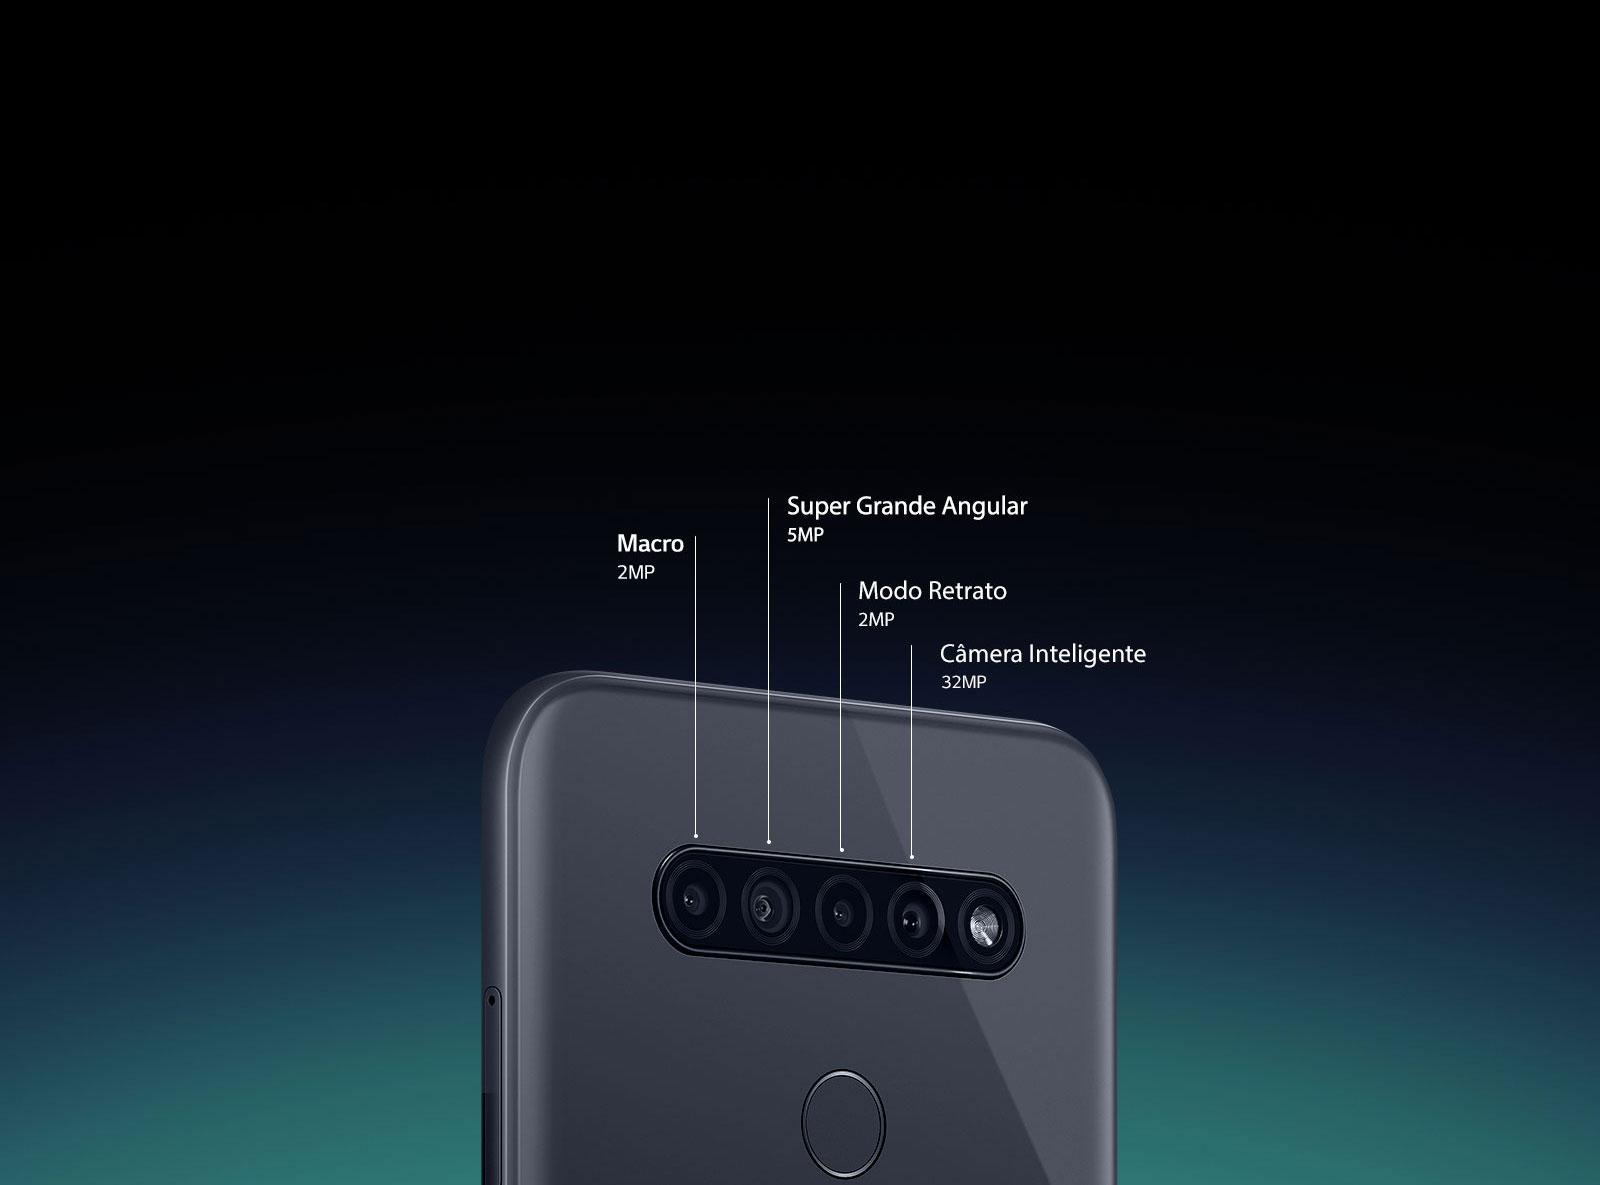 Vista traseira do smartphone mostrando quatro câmeras